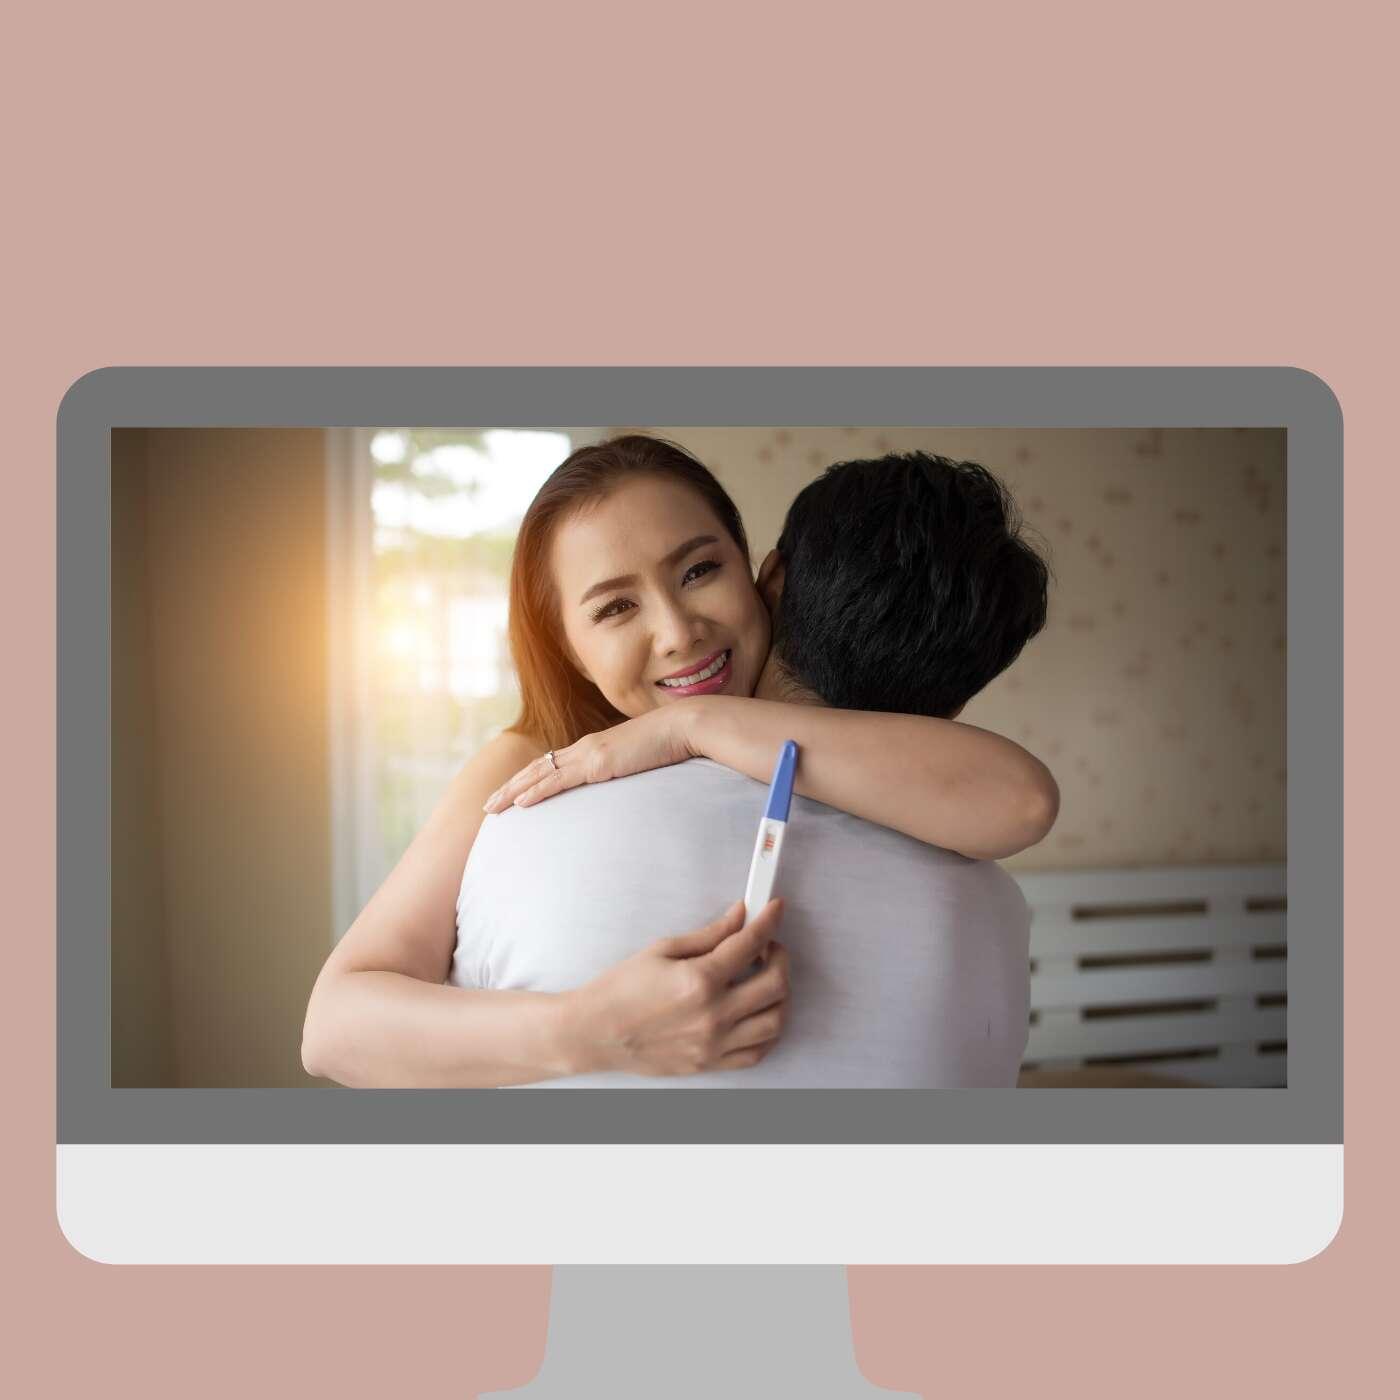 Teleconsulta de ingreso al control prenatal